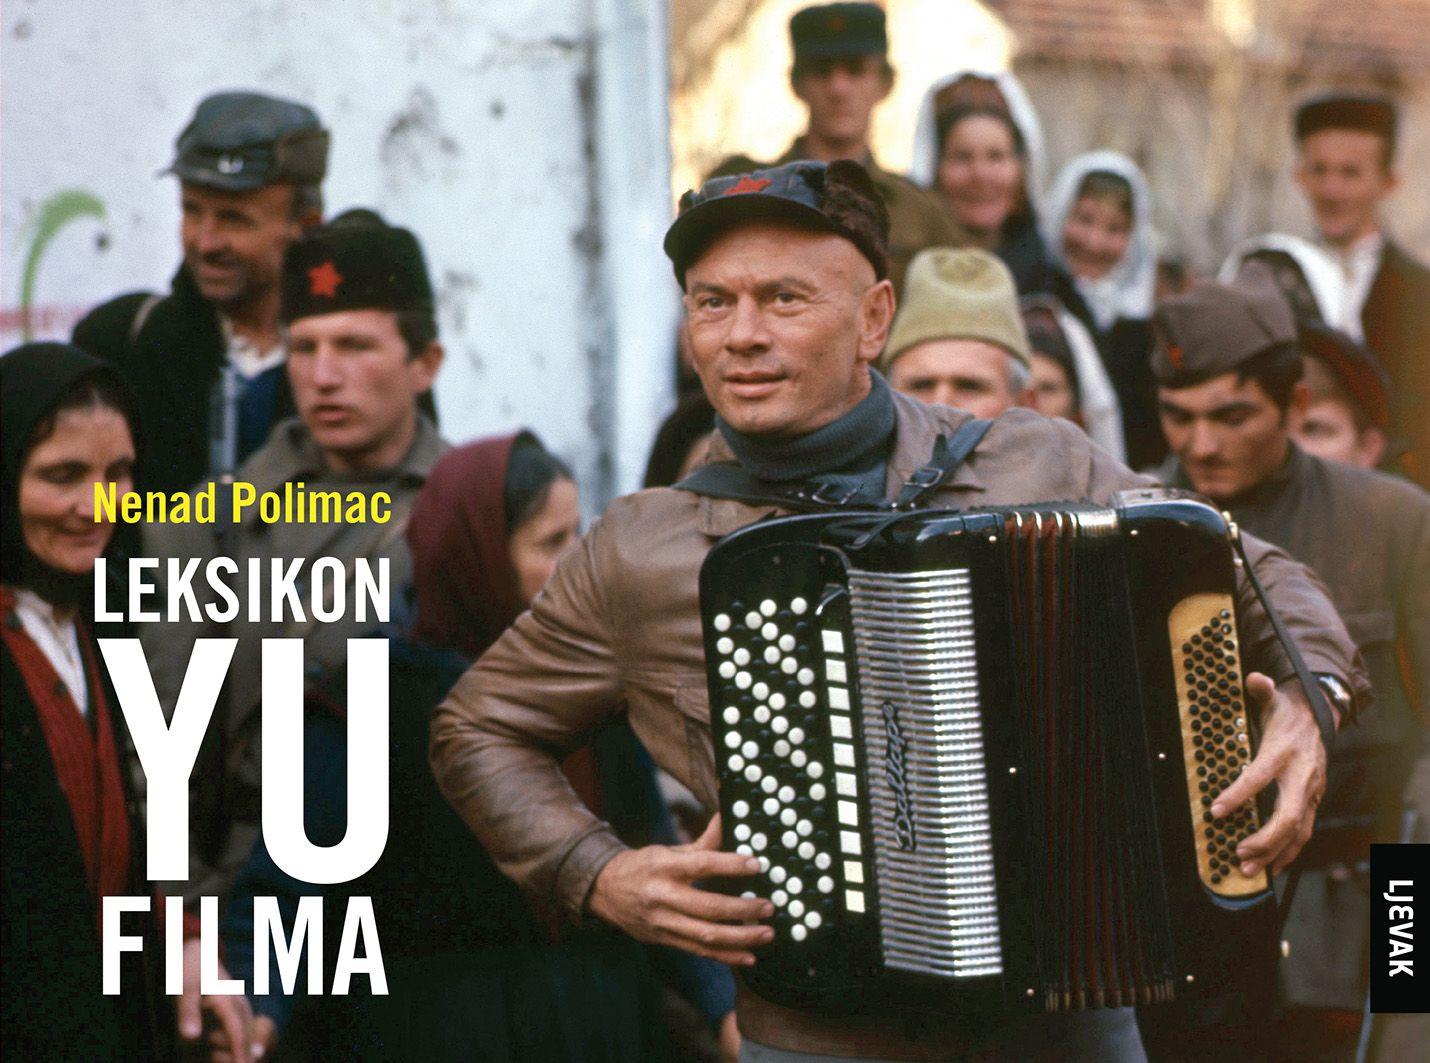 leksikon-yu-filma-2d-velika